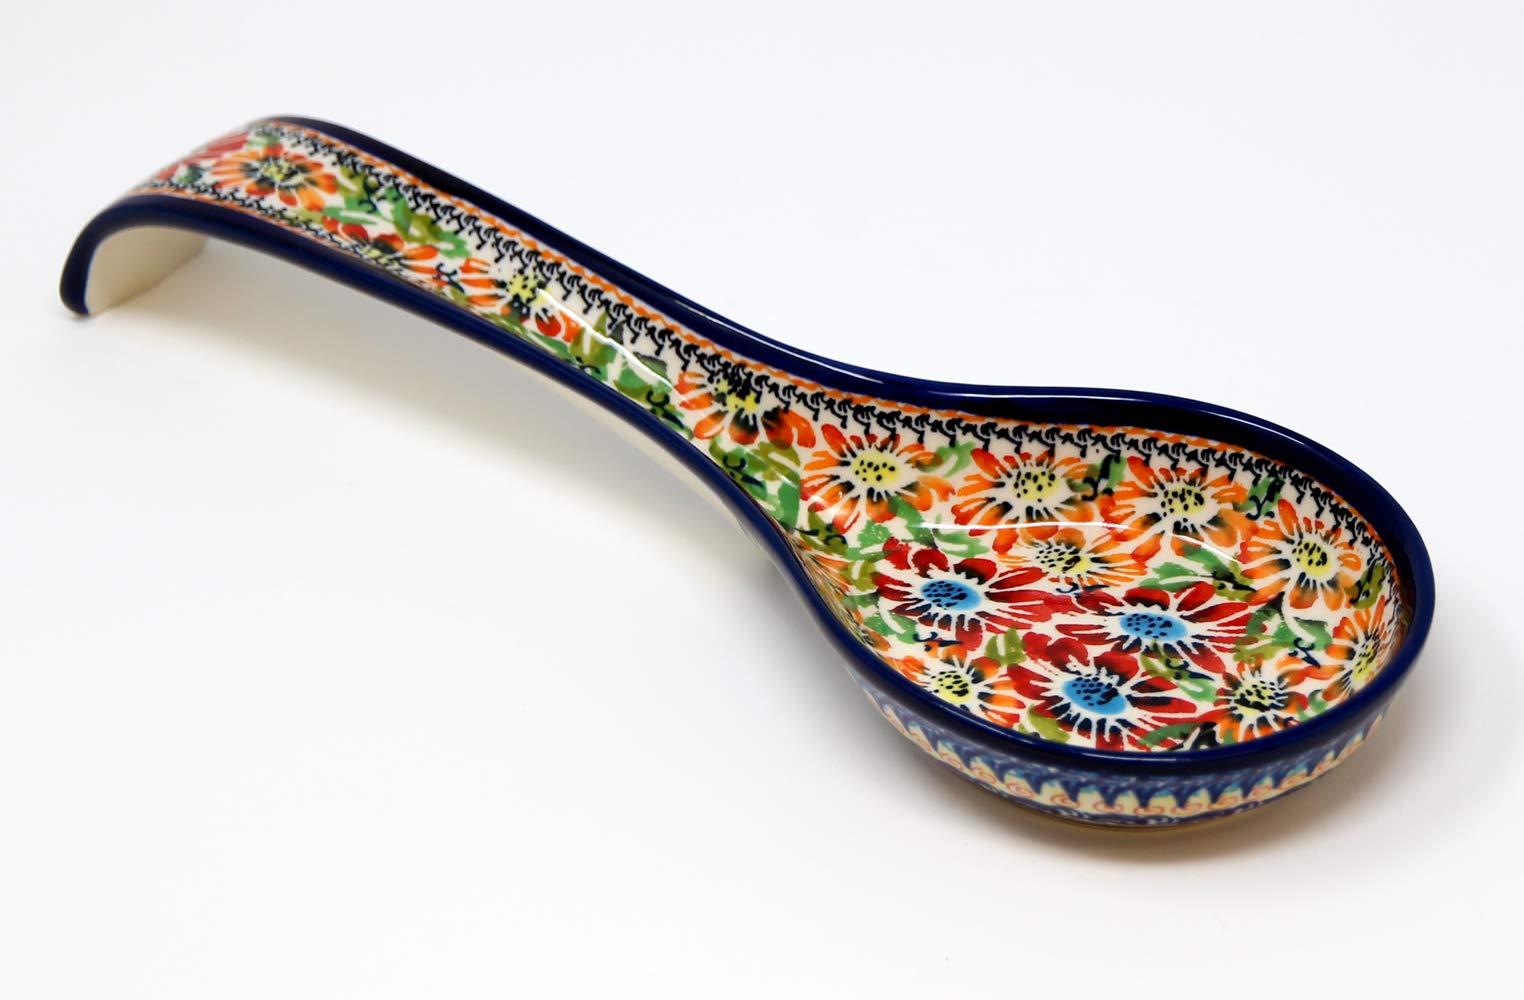 Polish Pottery Spoon Rest From Zaklady Ceramiczne Boleslawiec #1178-312 Art Unikat Signature Pattern, 12 Inch Long by Polish Pottery Market